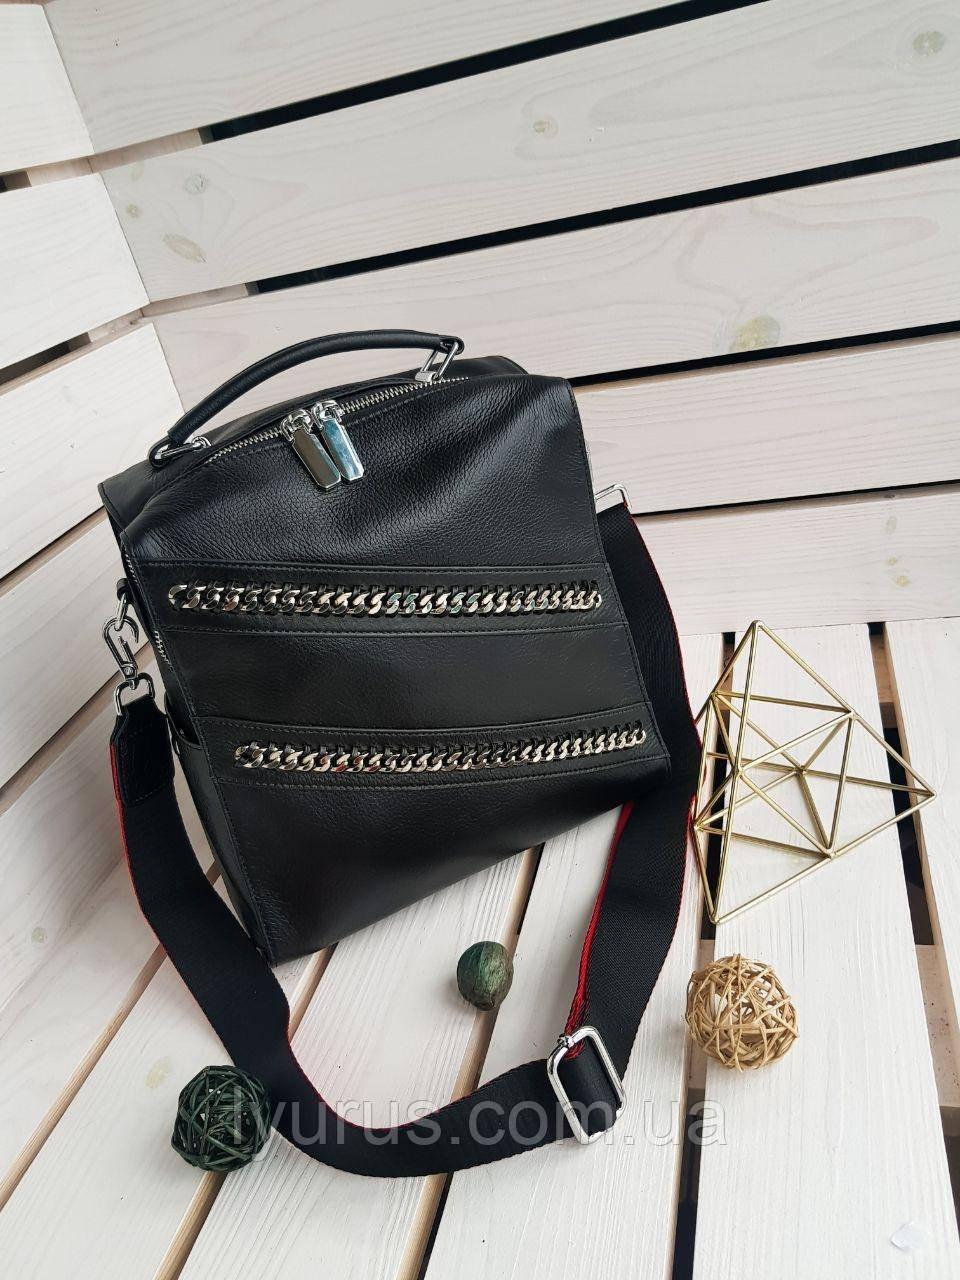 Кожаная женская сумка-рюкзак размером 25х30 см Черная (01089)